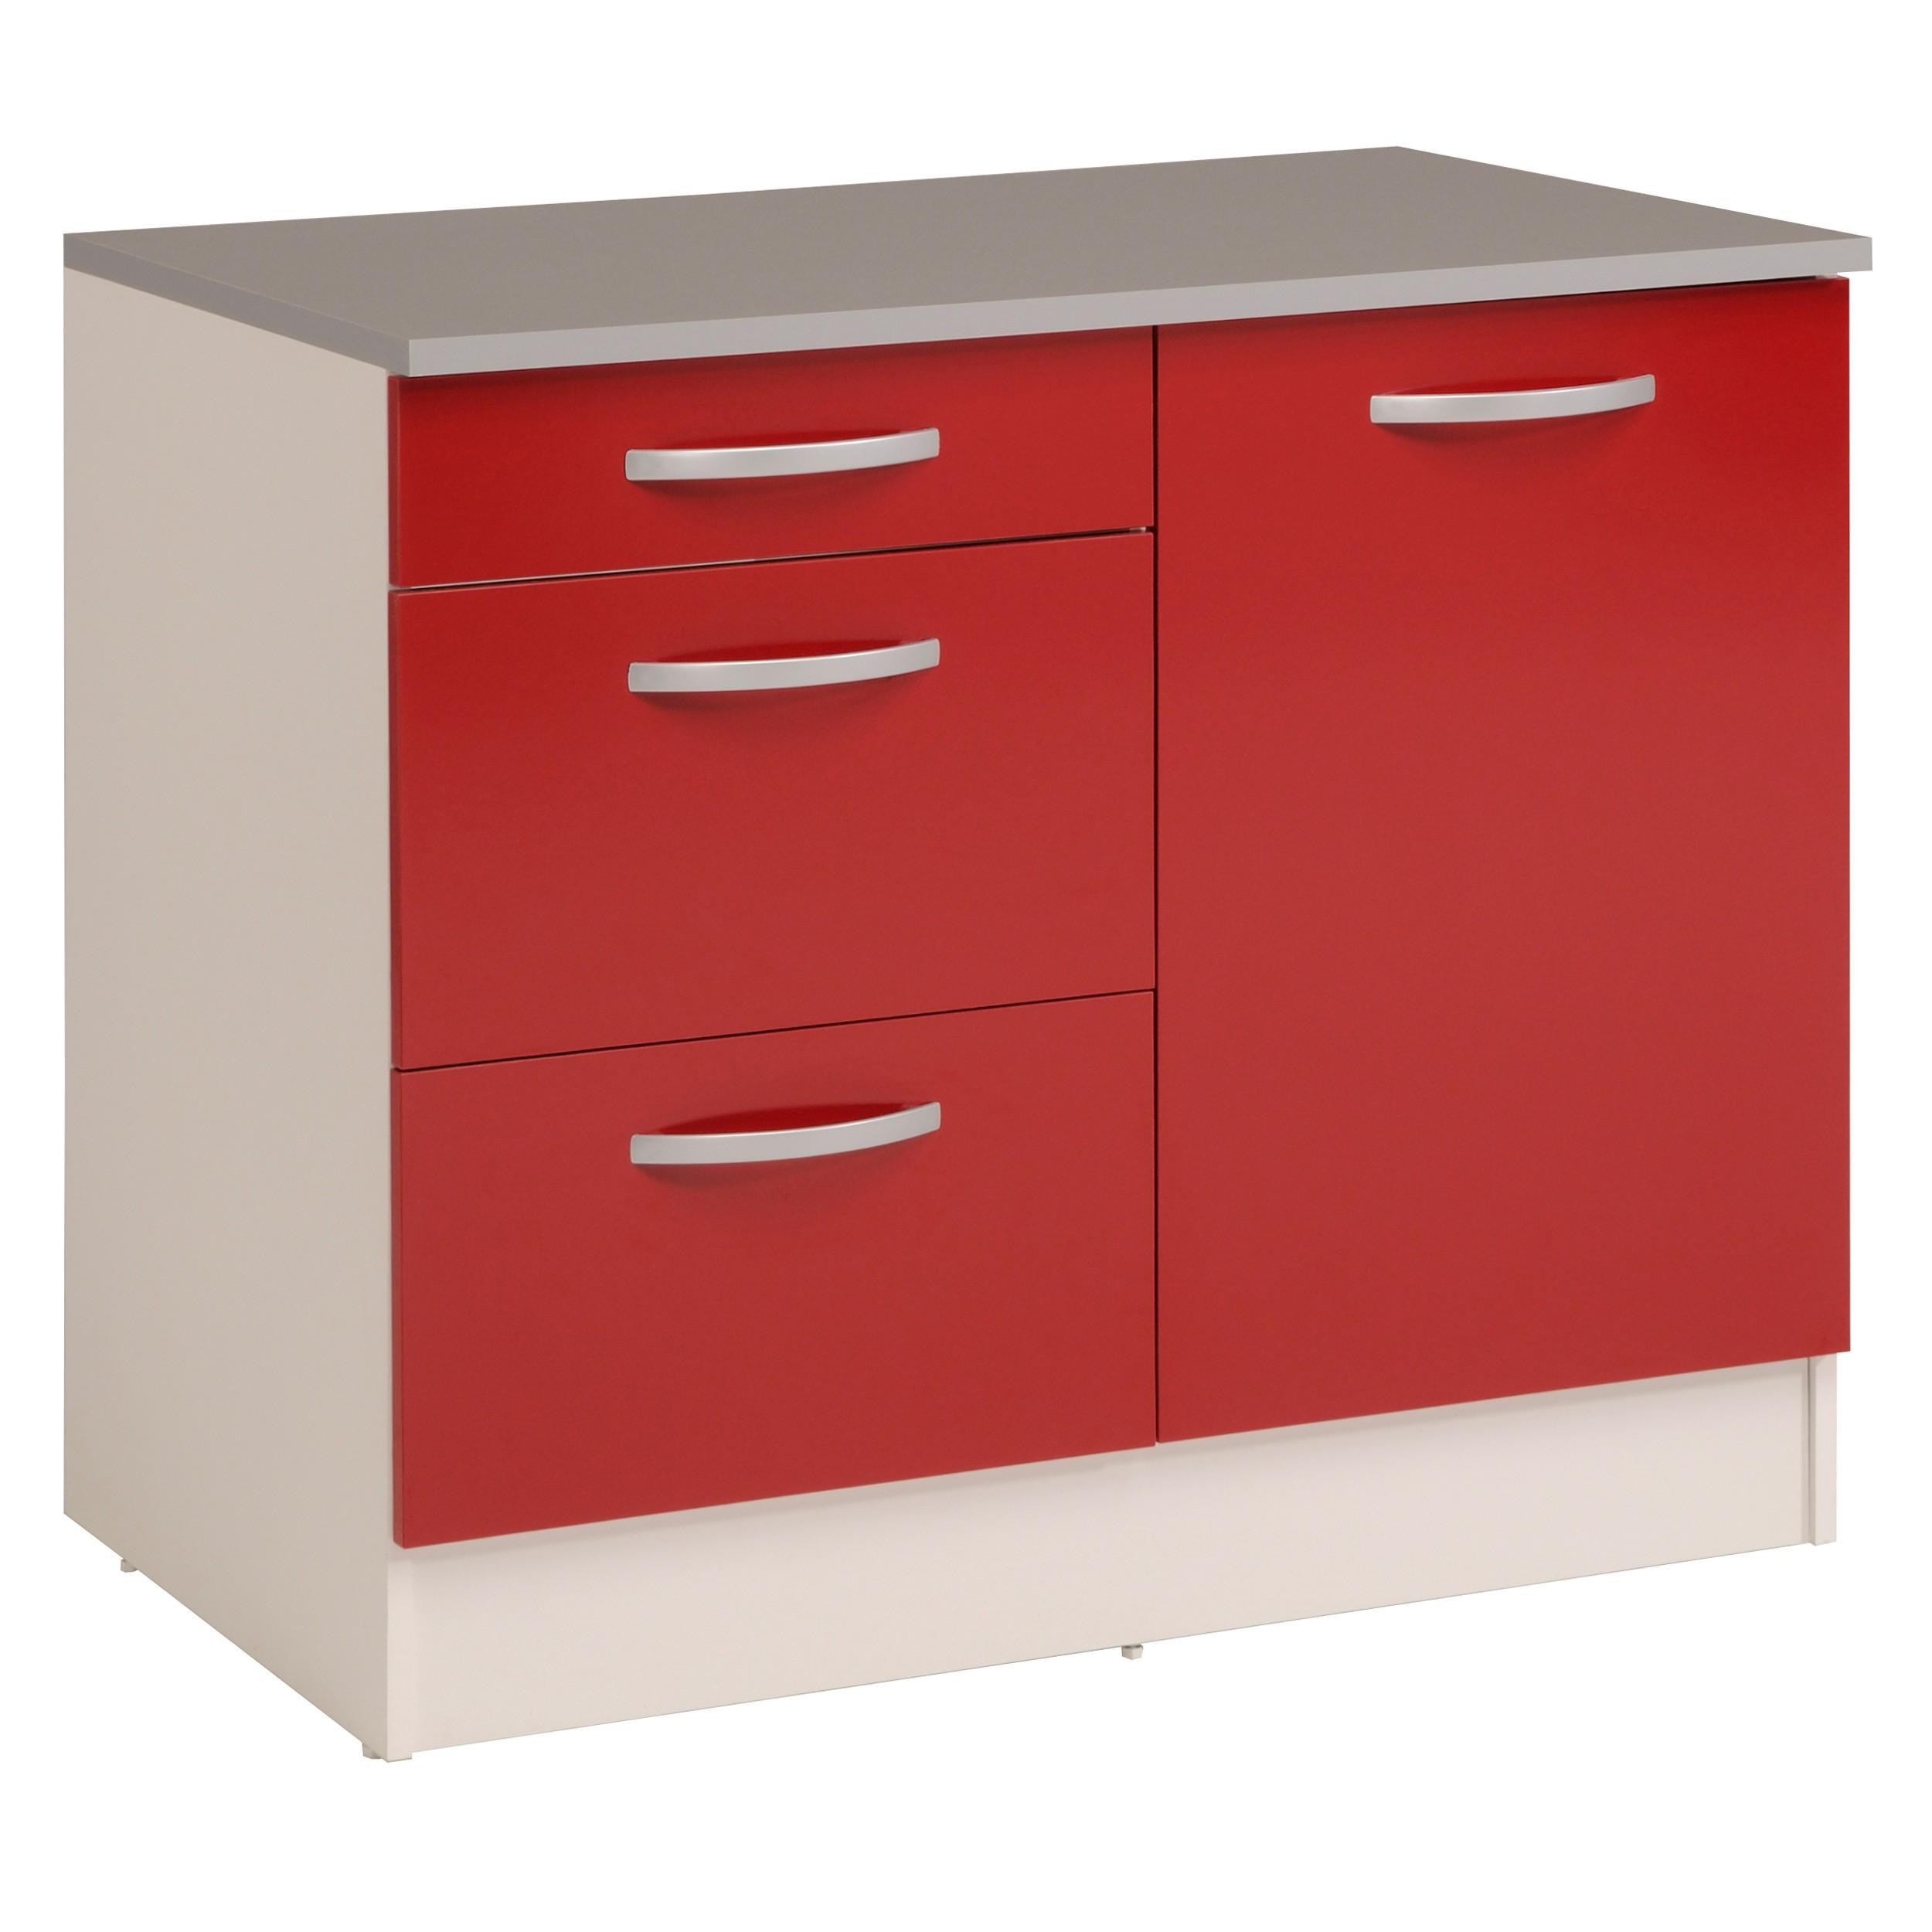 Meuble bas de cuisine contemporain 100 cm 1 porte/3 tiroirs blanc/rouge brillant Jackie